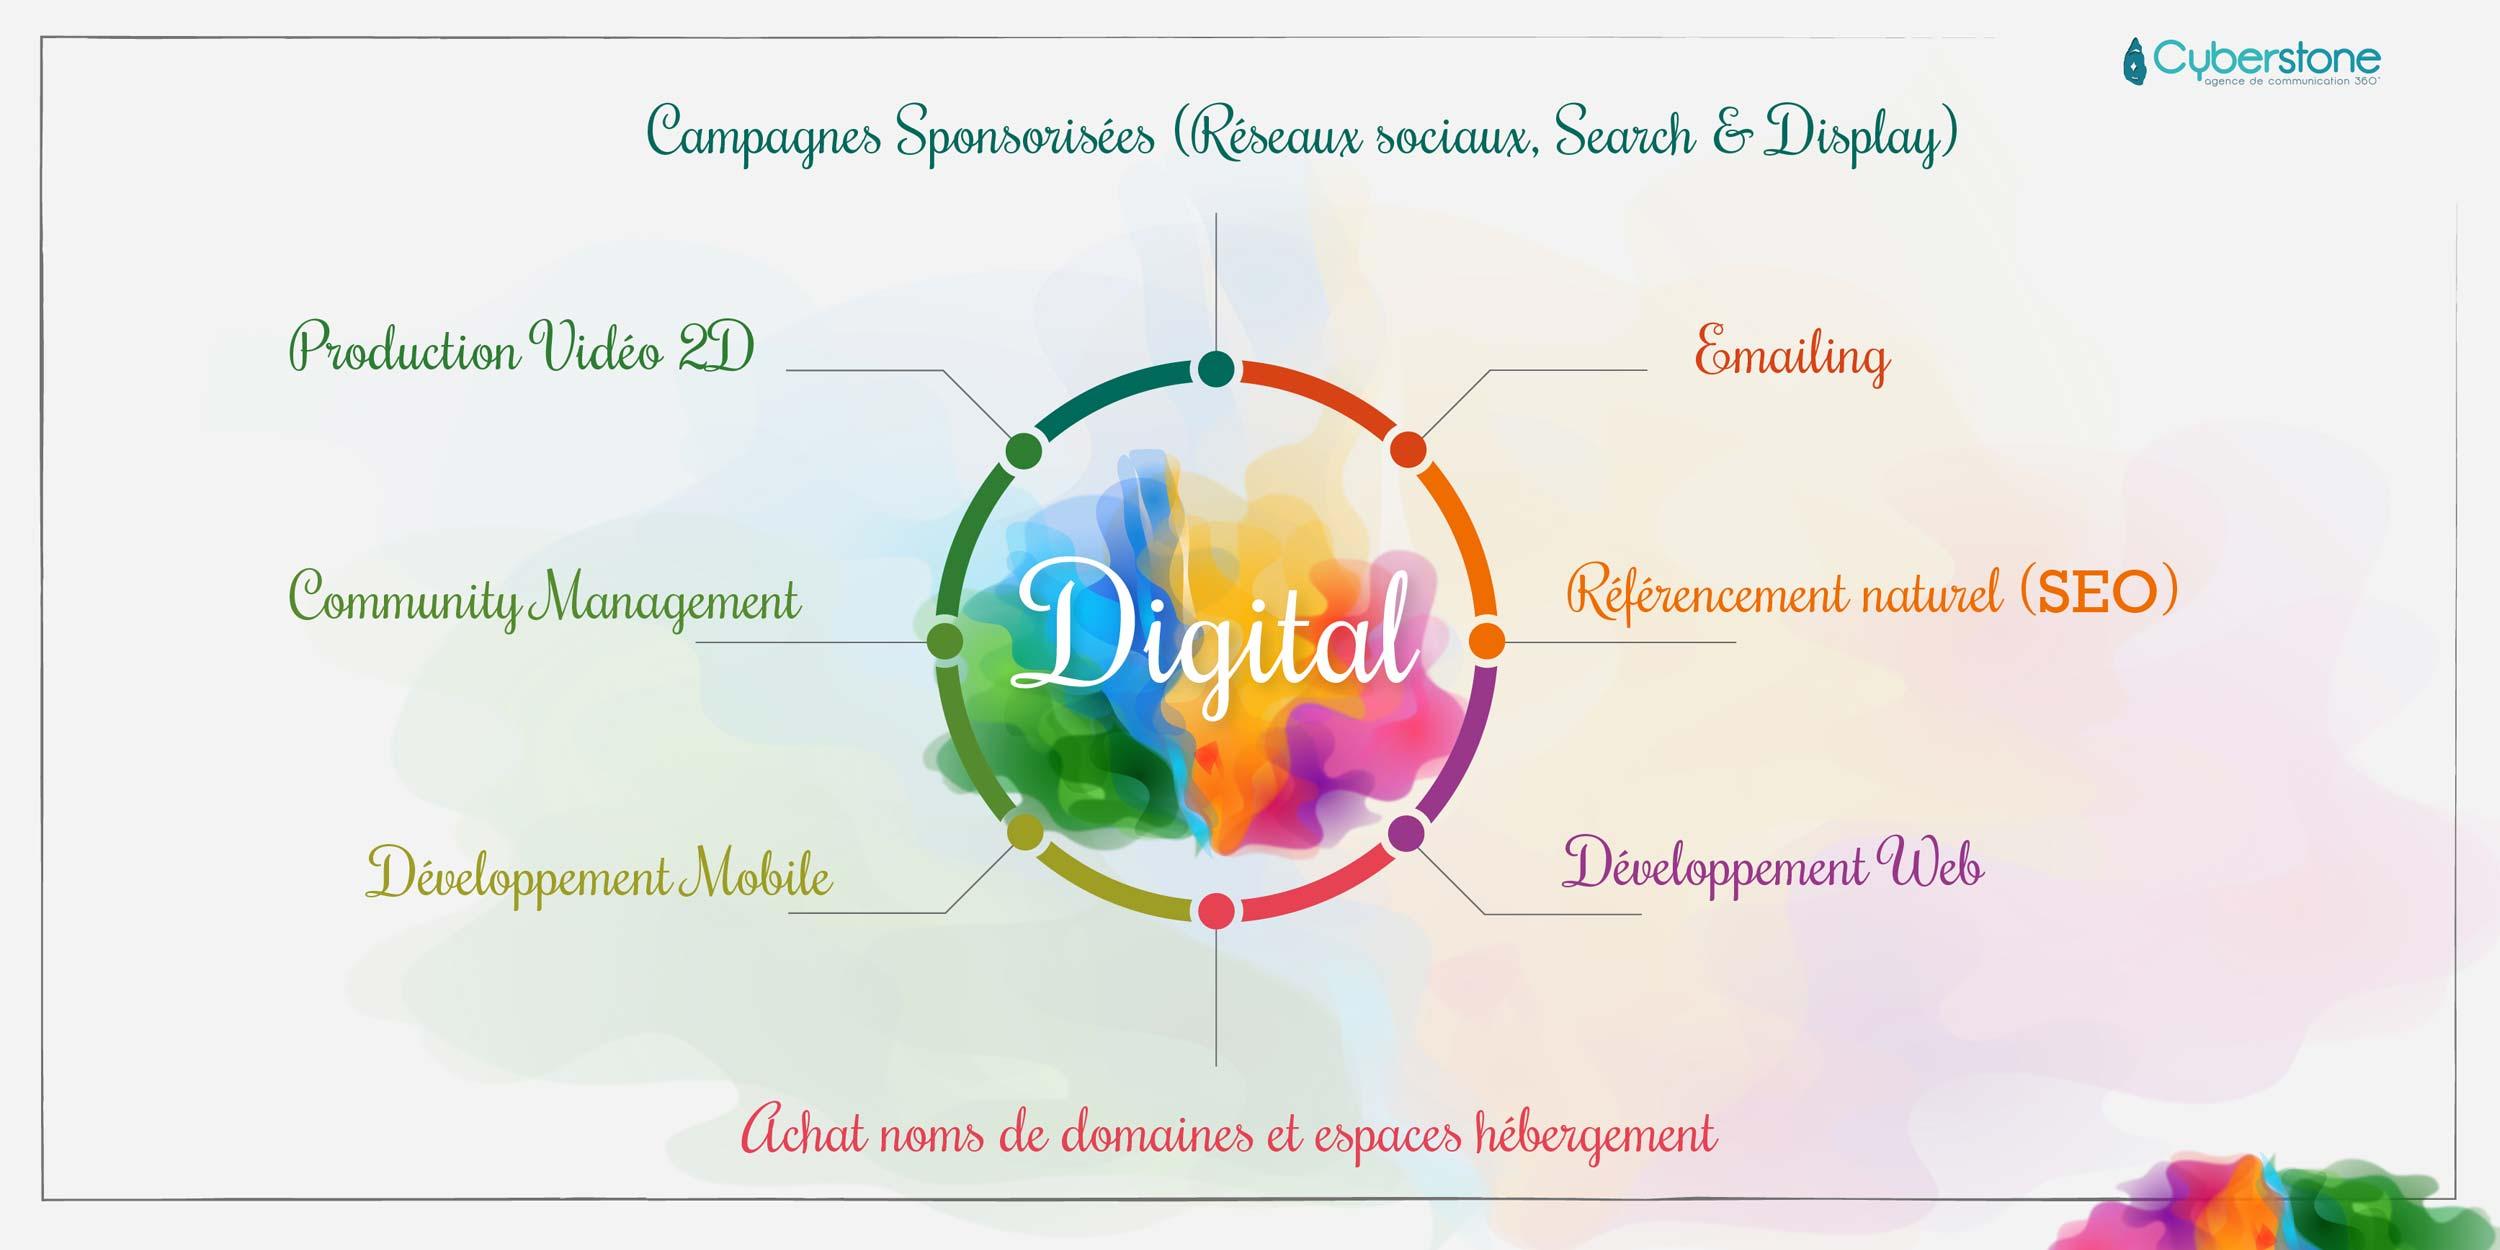 Production vidéo 2d, Communuty management, Développement mobile, Emailling, Référencement naturel (seo), Développement web